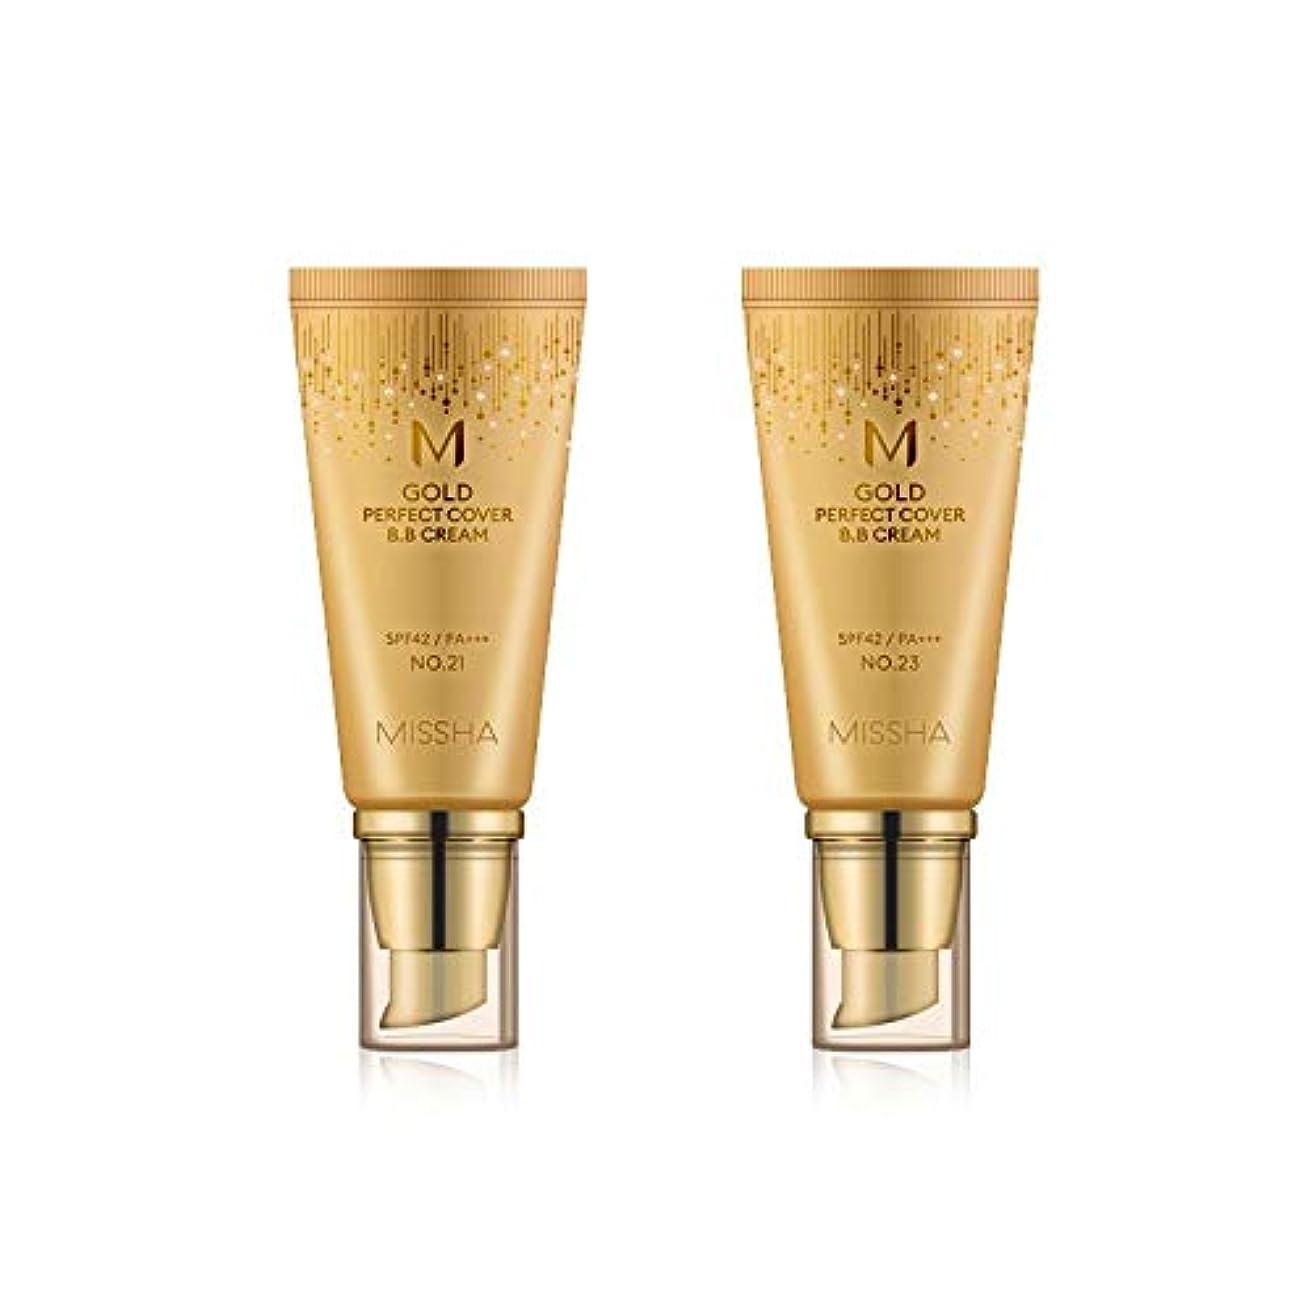 マーティフィールディング満足マーティフィールディングMISSHA Gold Perfecte Cover BB Cream SPF42 PA+++ / ミシャ ゴールド パーフェクト カバー BBクリーム 50ml *NO.23 [並行輸入品]